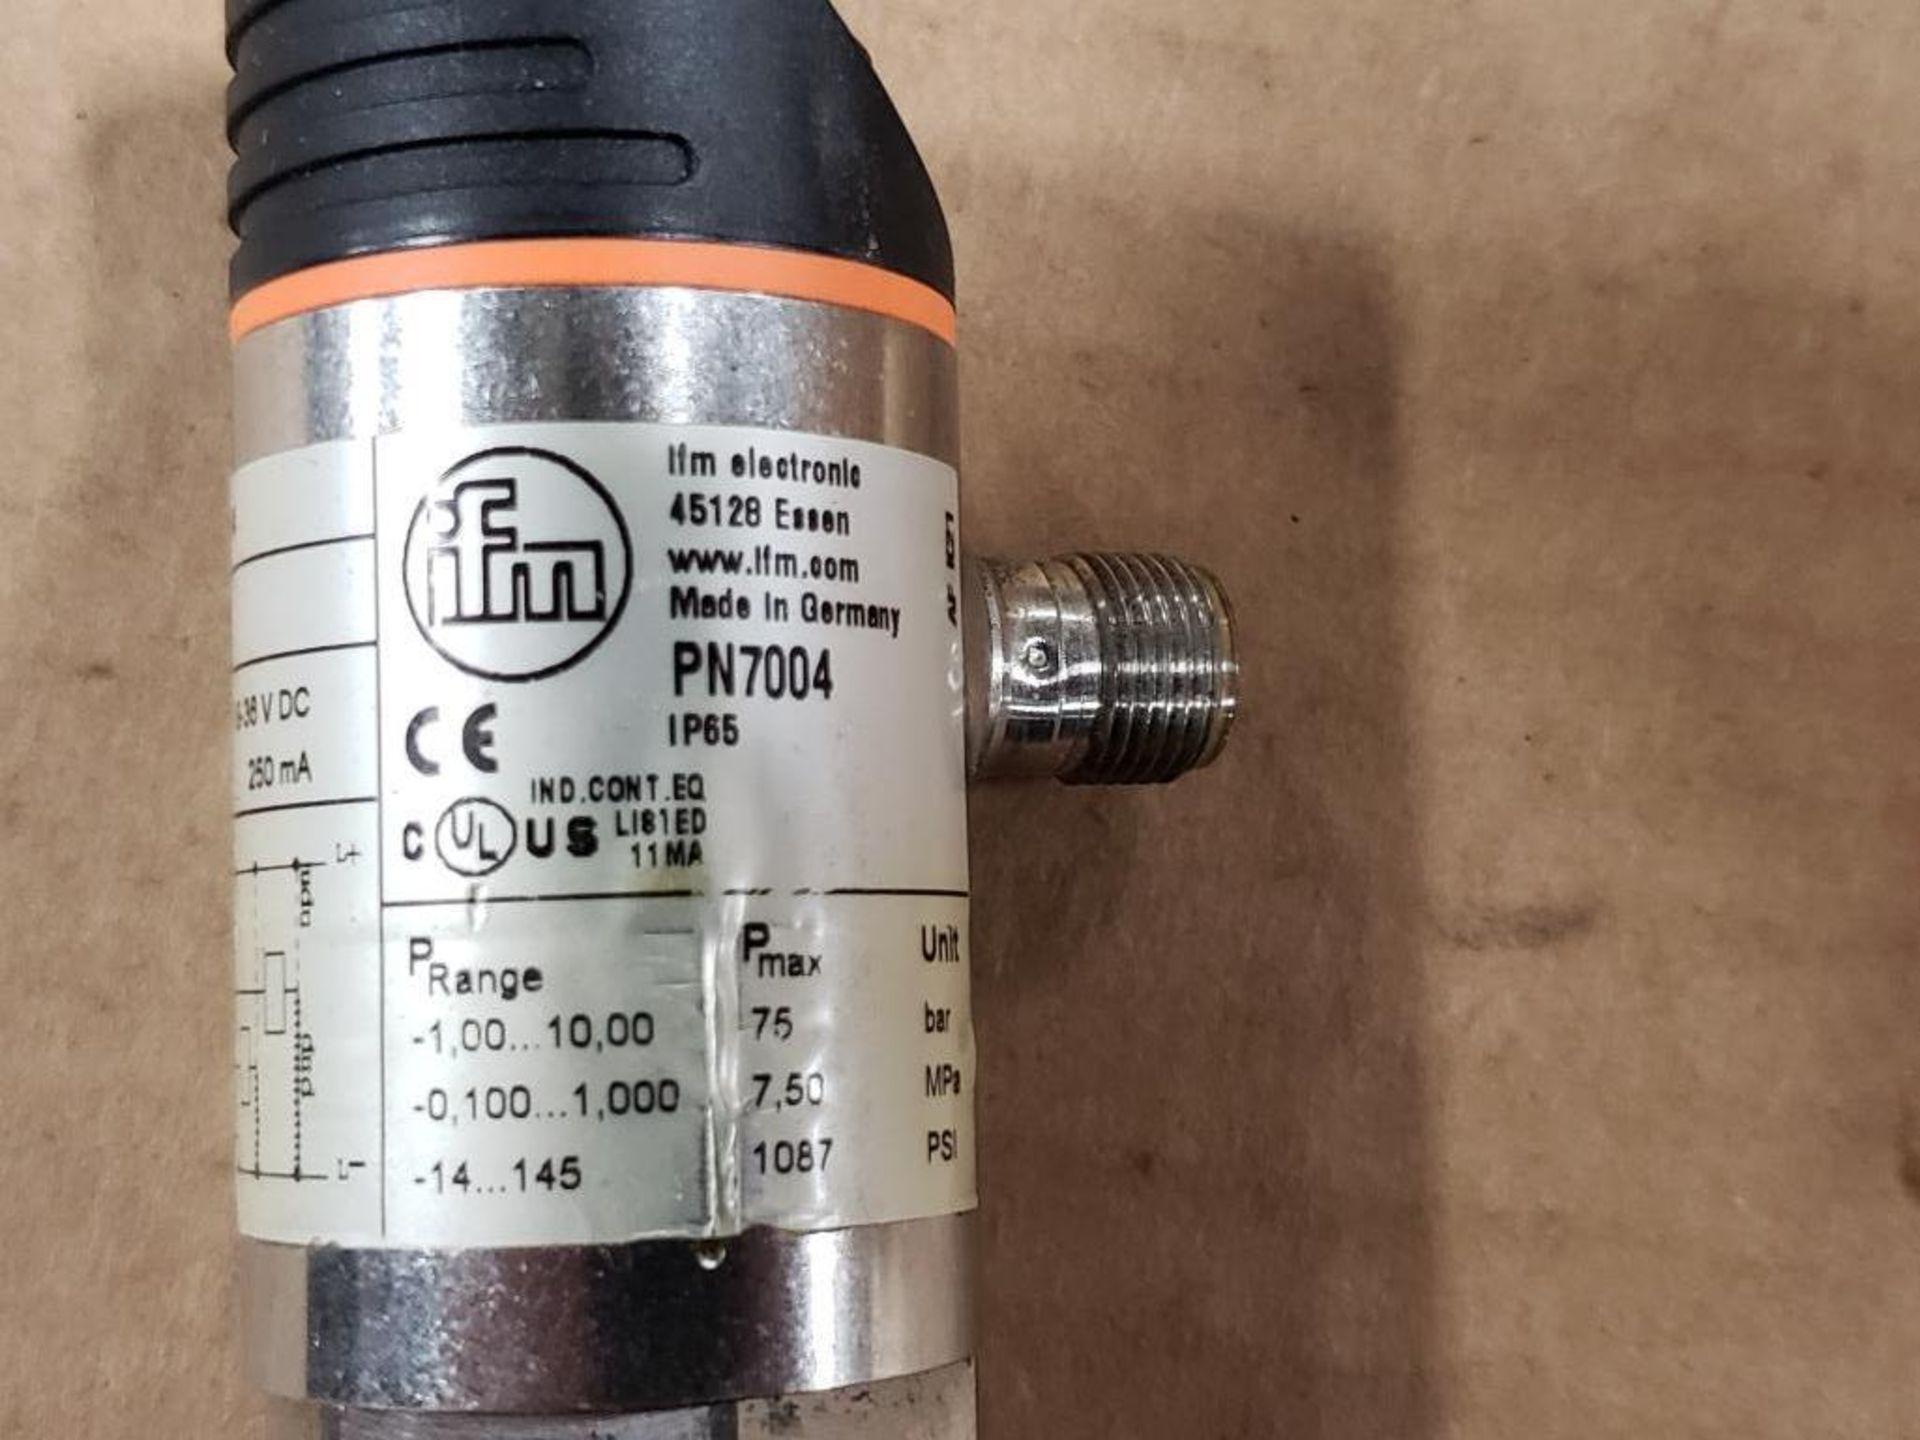 Qty 2 - IFM PN7004 Pressure switch sensor. - Image 5 of 6